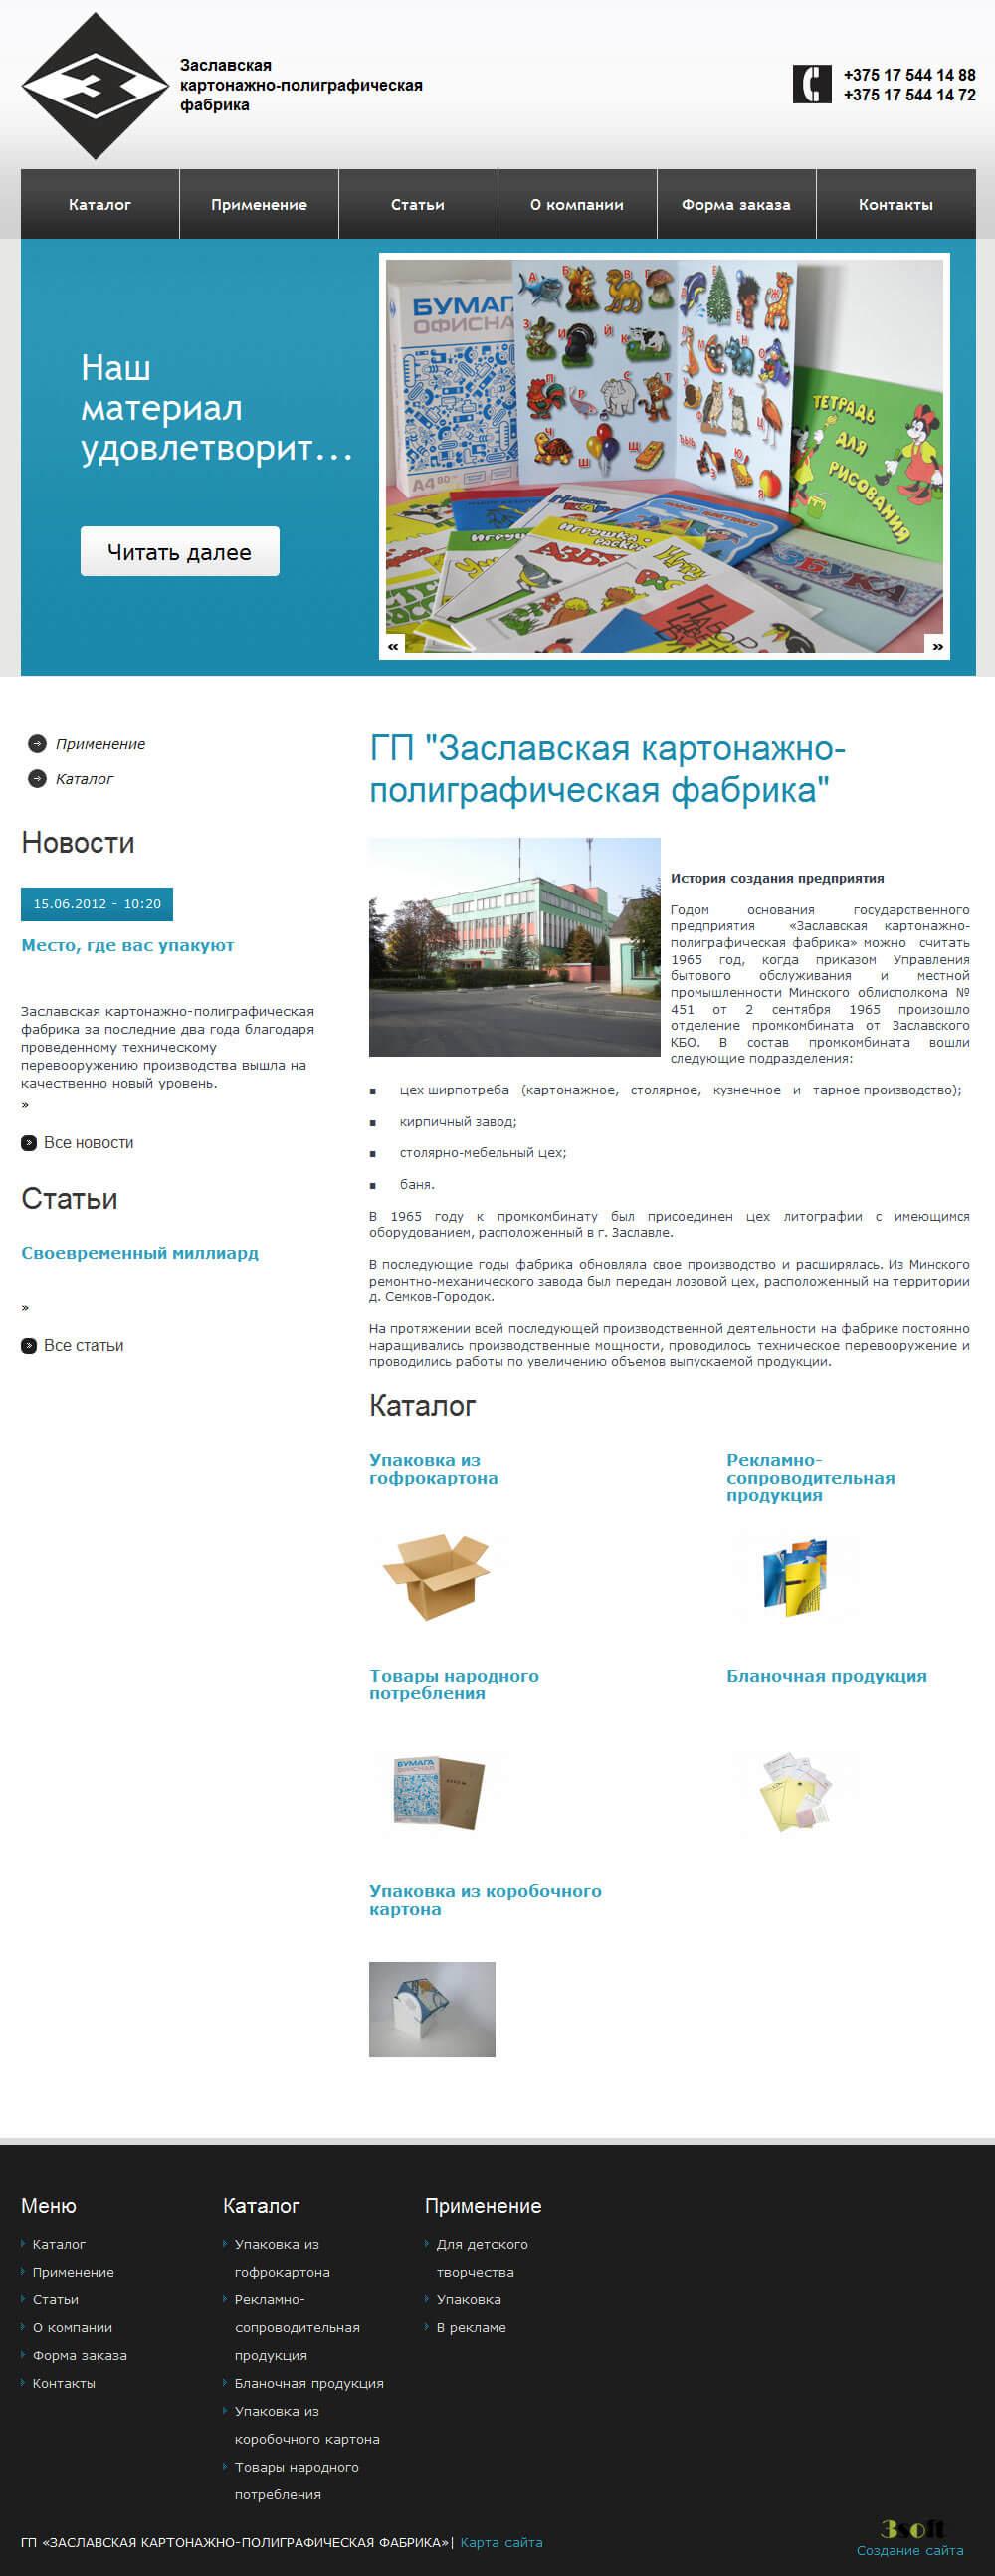 Сайт «Заславская картонажно-полиграфическая фабрика». Главная страница